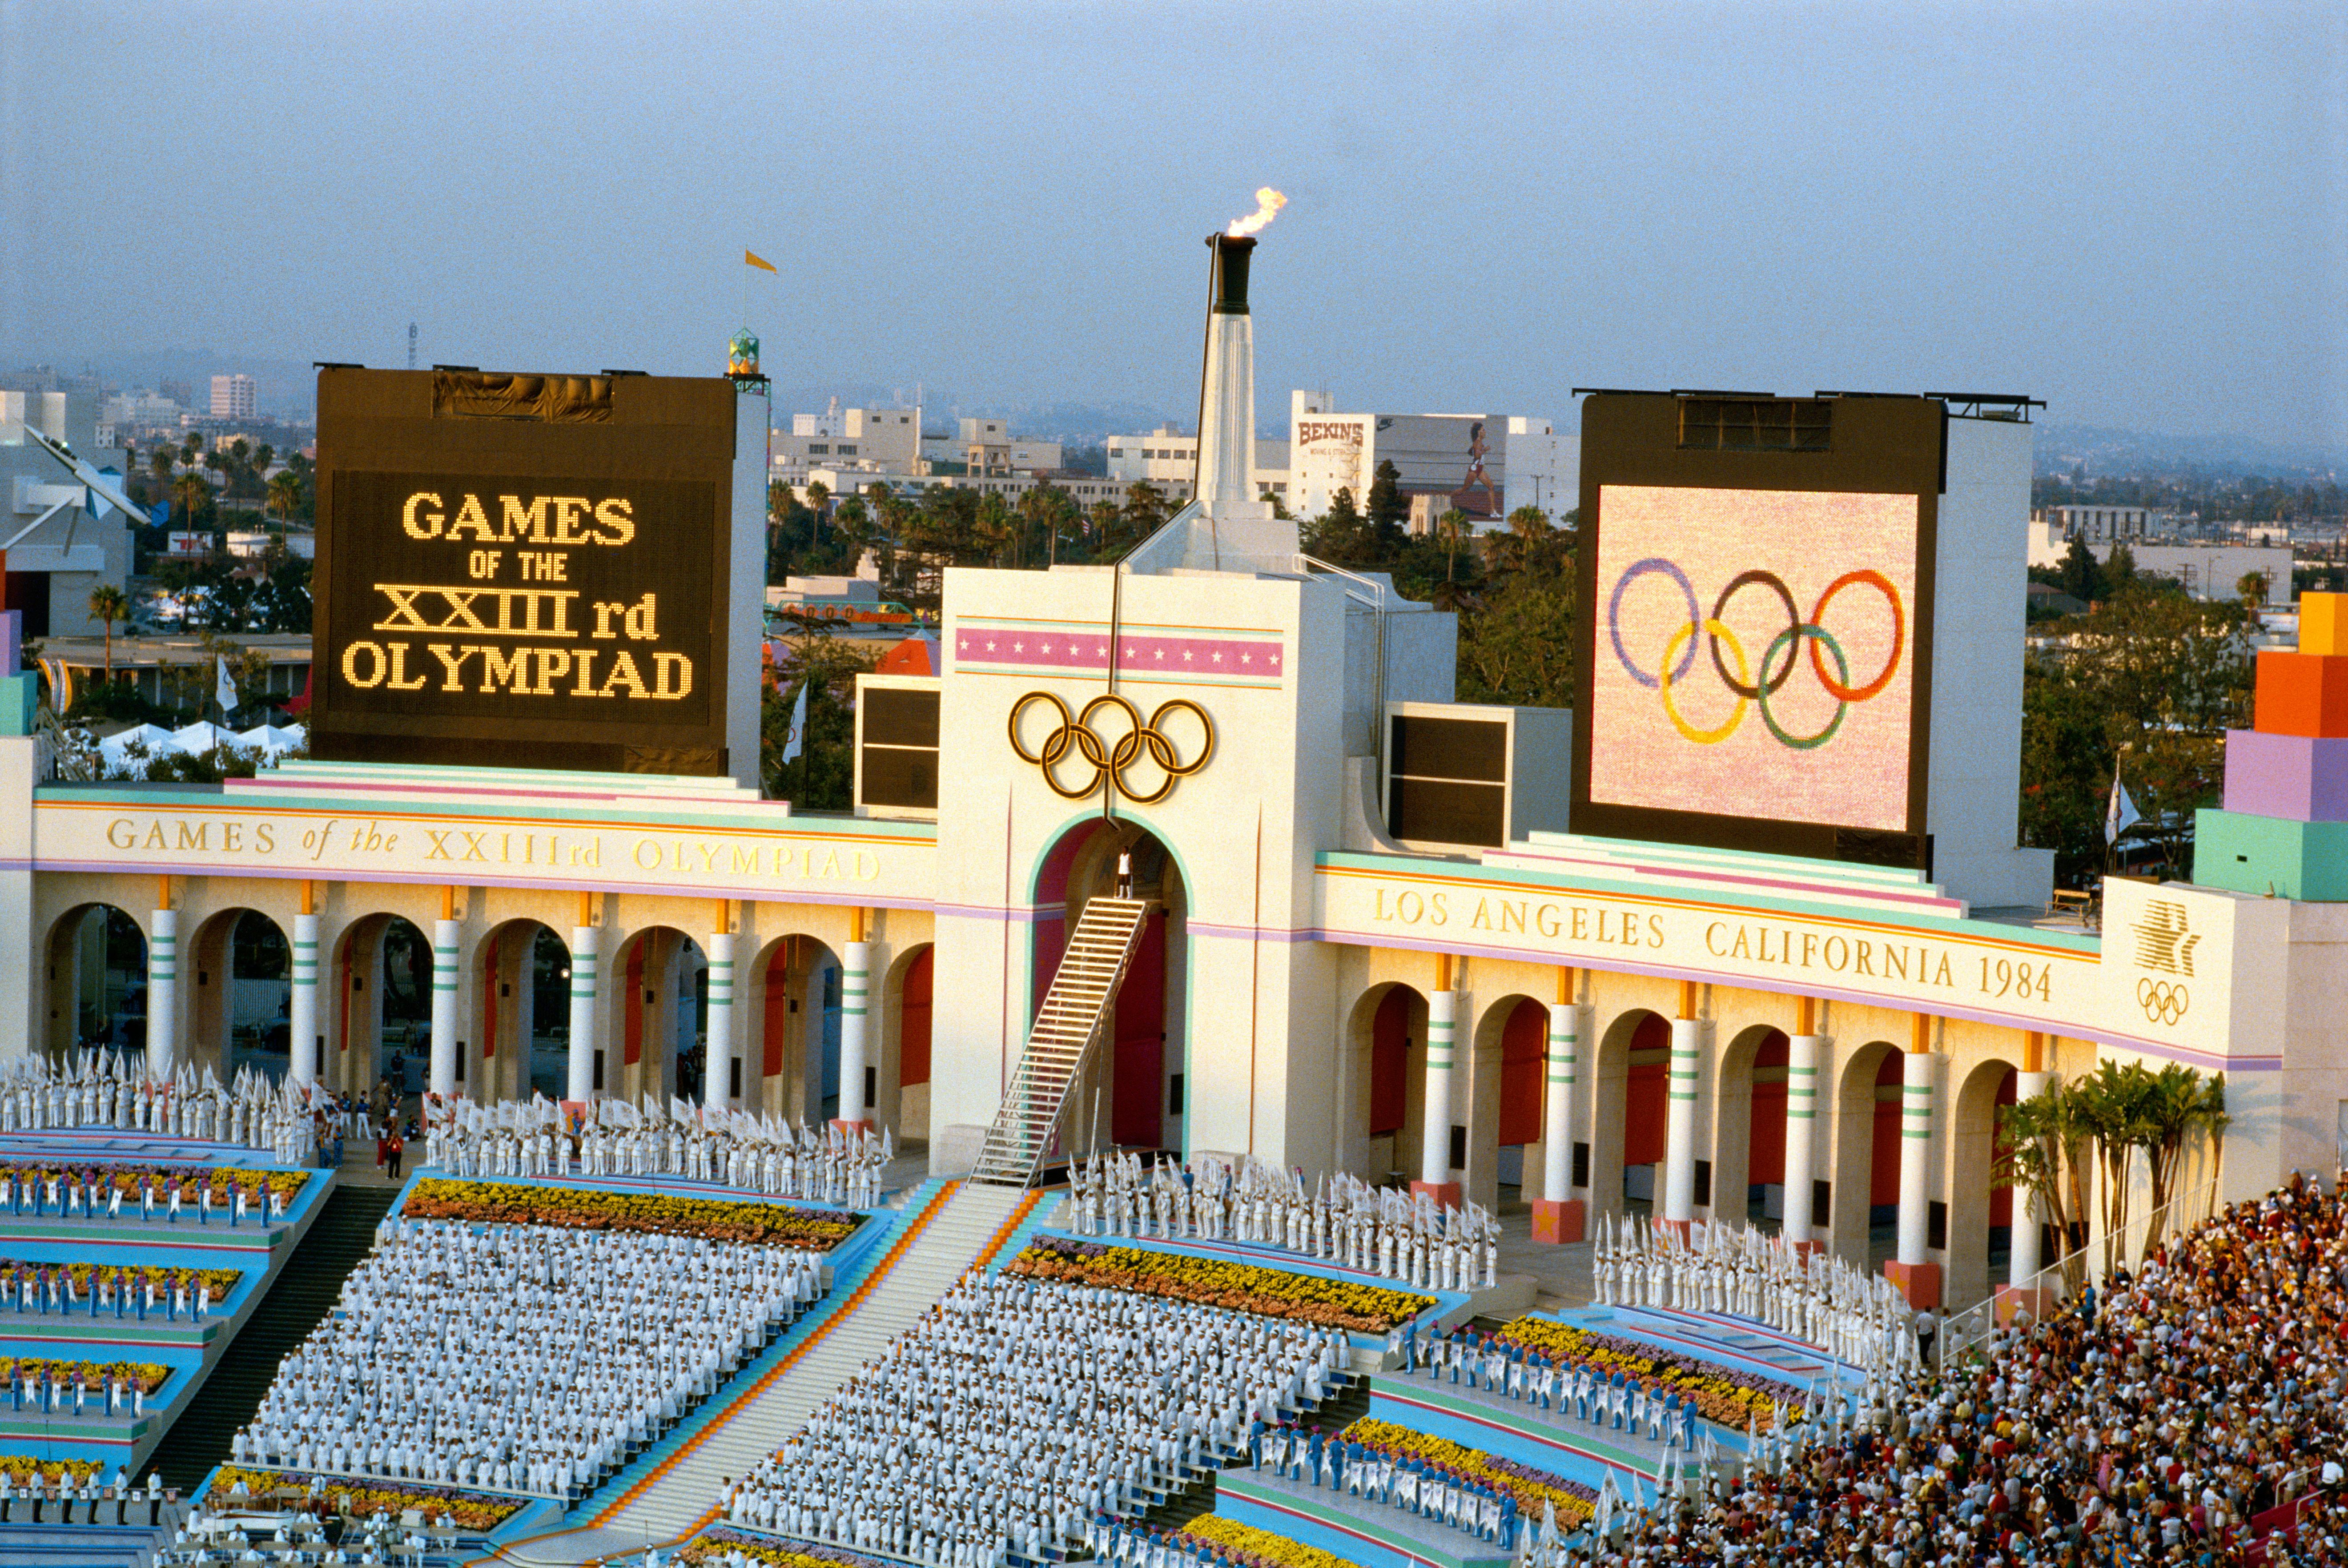 OPENING CEREMONY 1984 OLYMPICS